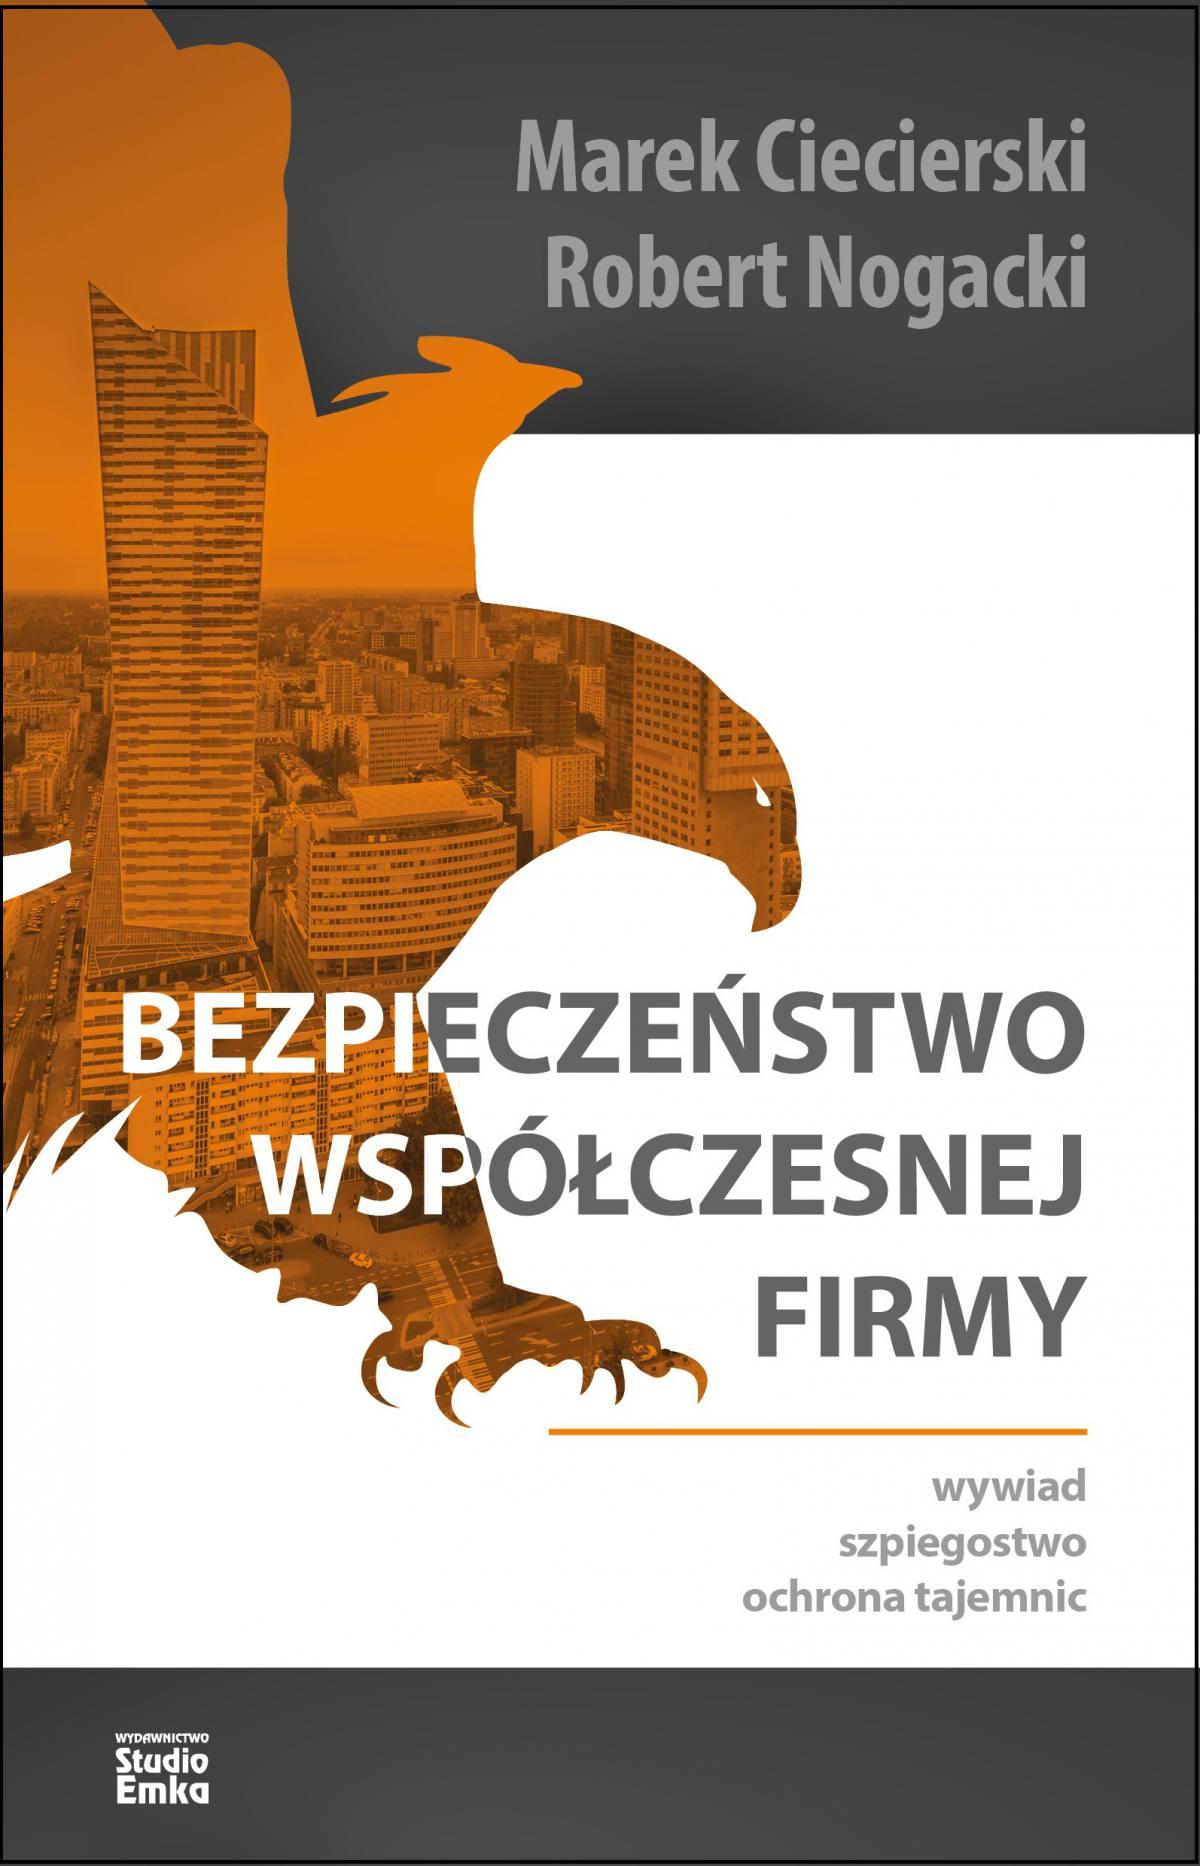 Bezpieczeństwo współczesnej firmy. Wywiad, szpiegostwo, ochrona tajemnic - Ebook (Książka EPUB) do pobrania w formacie EPUB